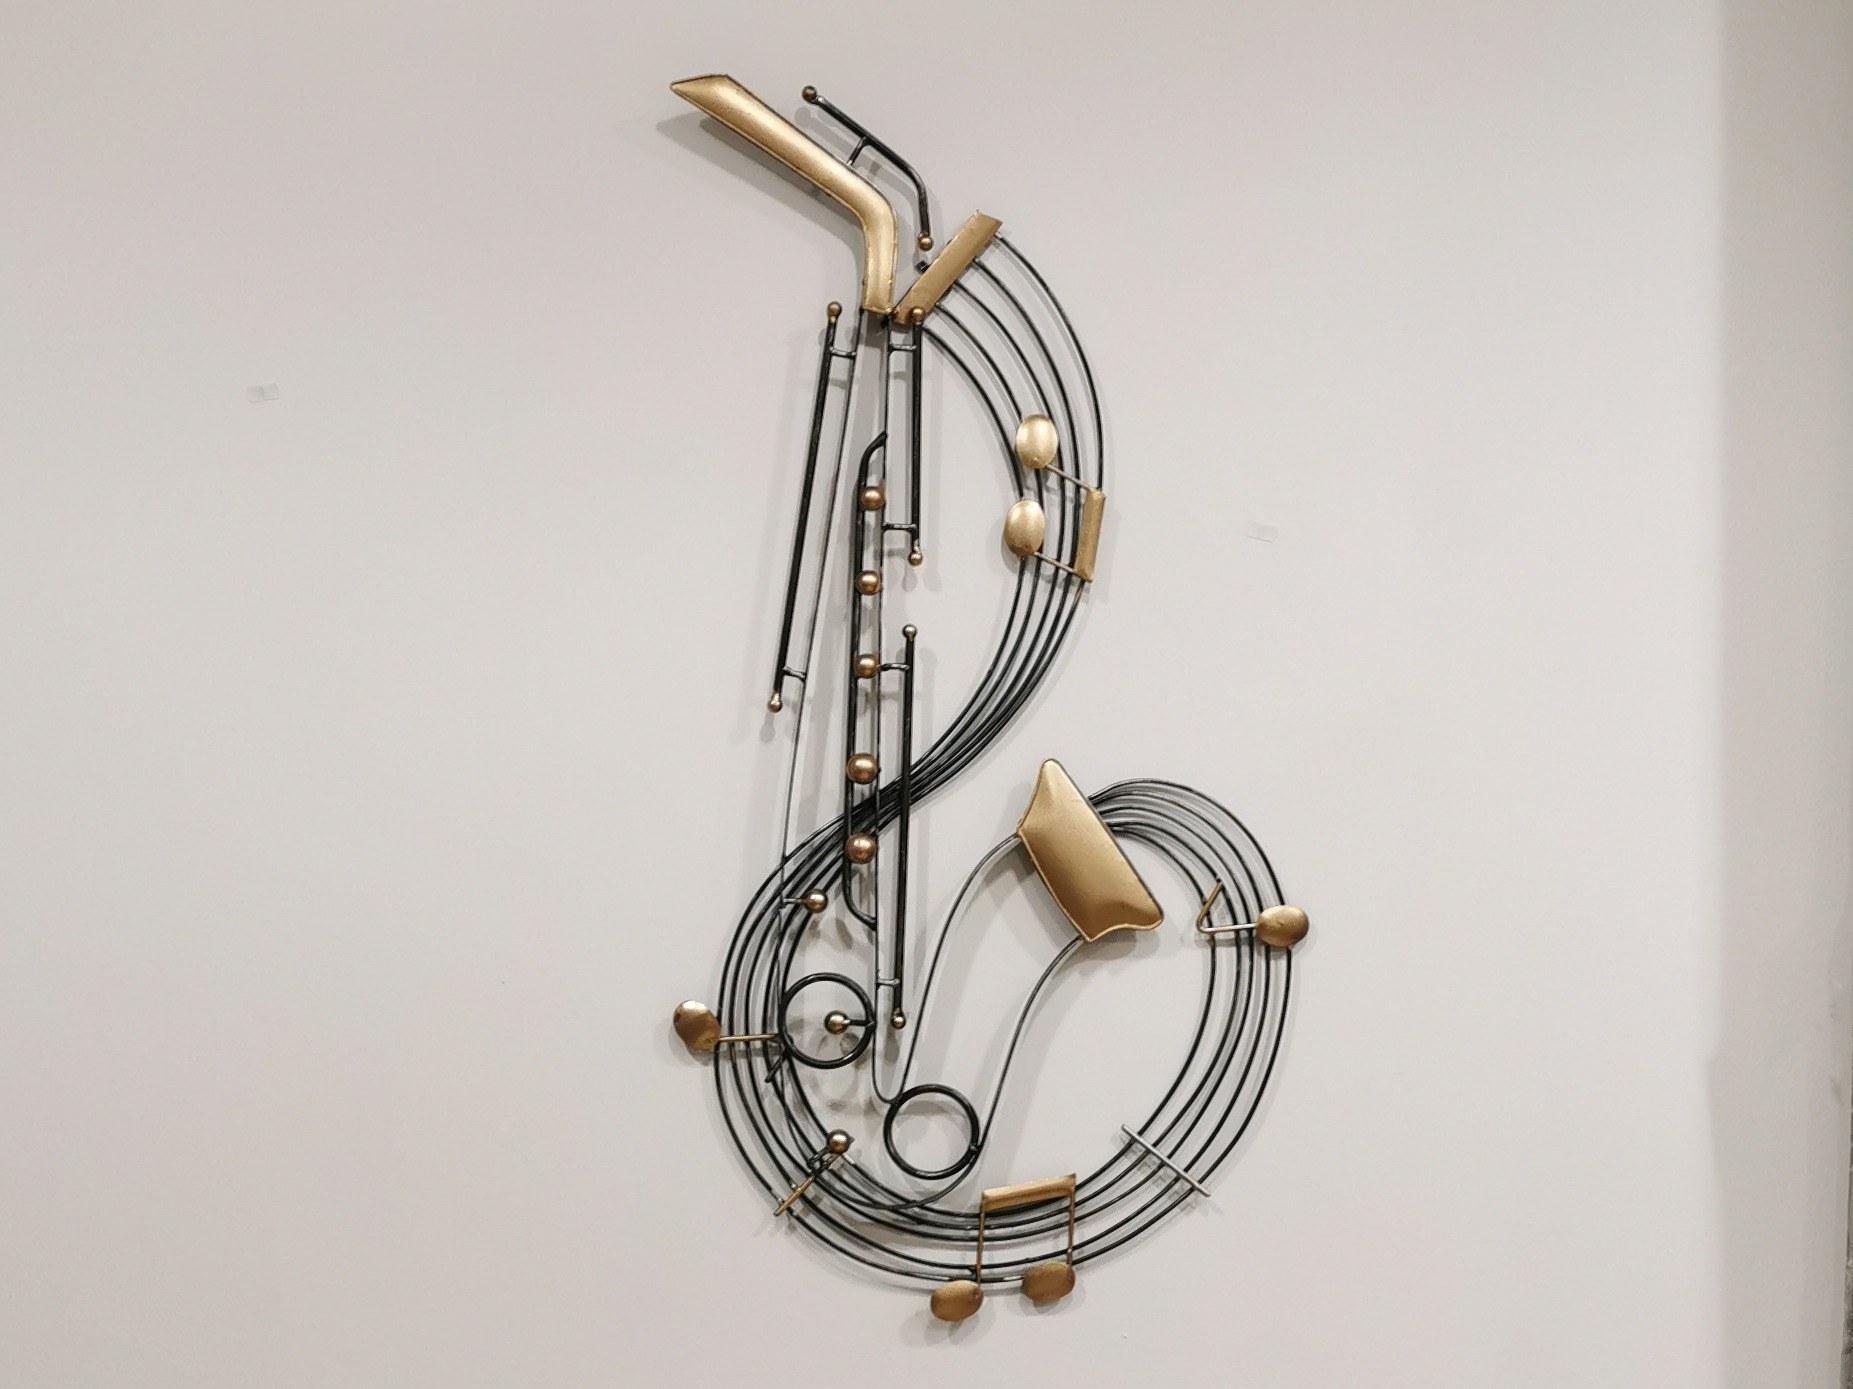 le saxophone métal or et noir couleurs d'Hélène